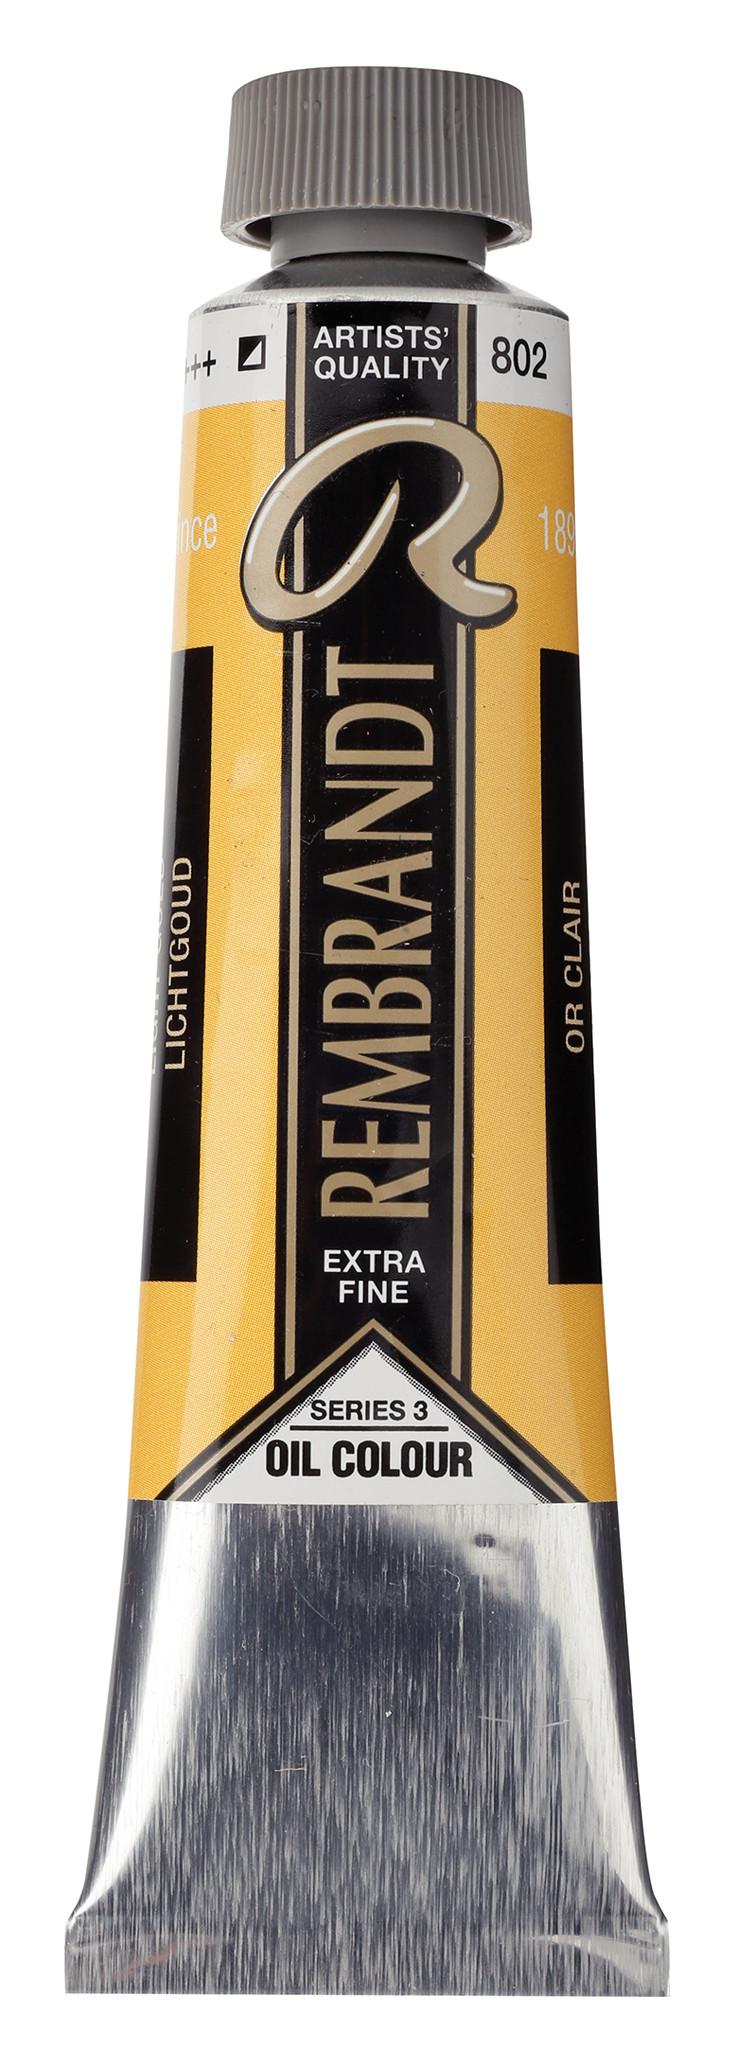 Rembrandt Oil colour Paint Light Gold (802) 40ml Tube